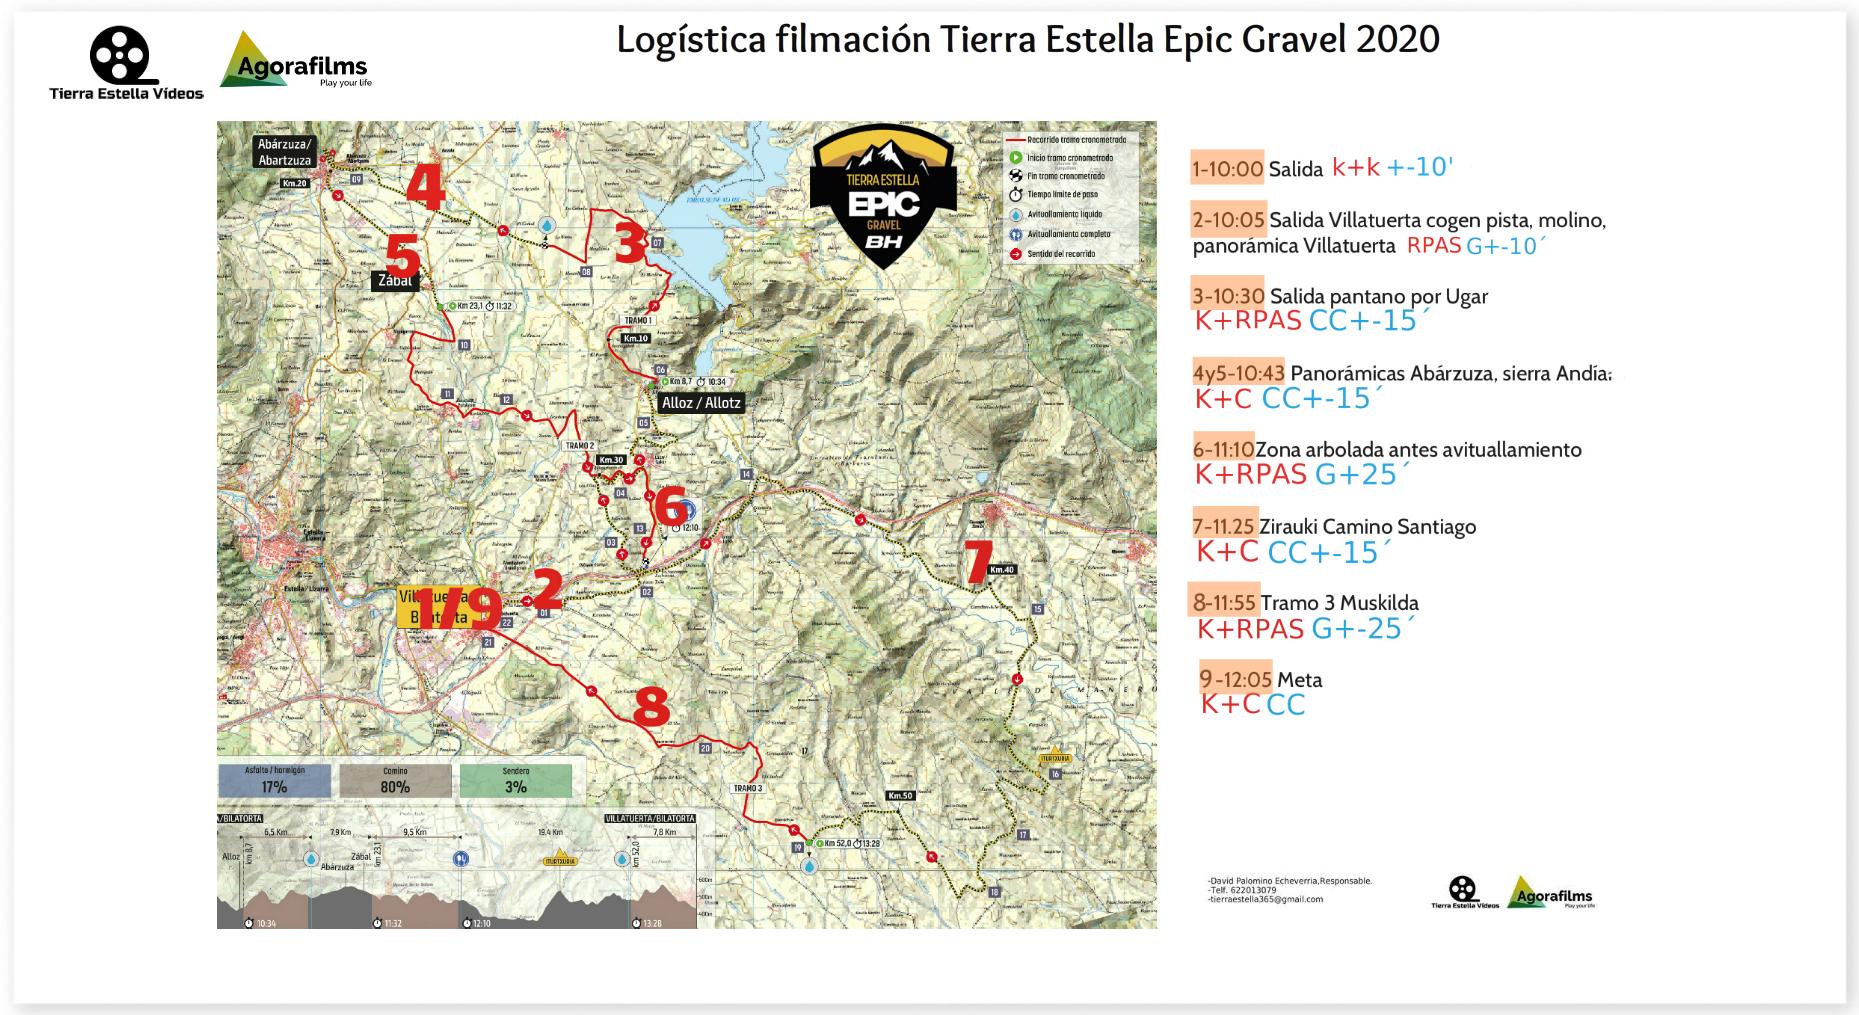 Logística 2 filmación Epic Gravel 2020